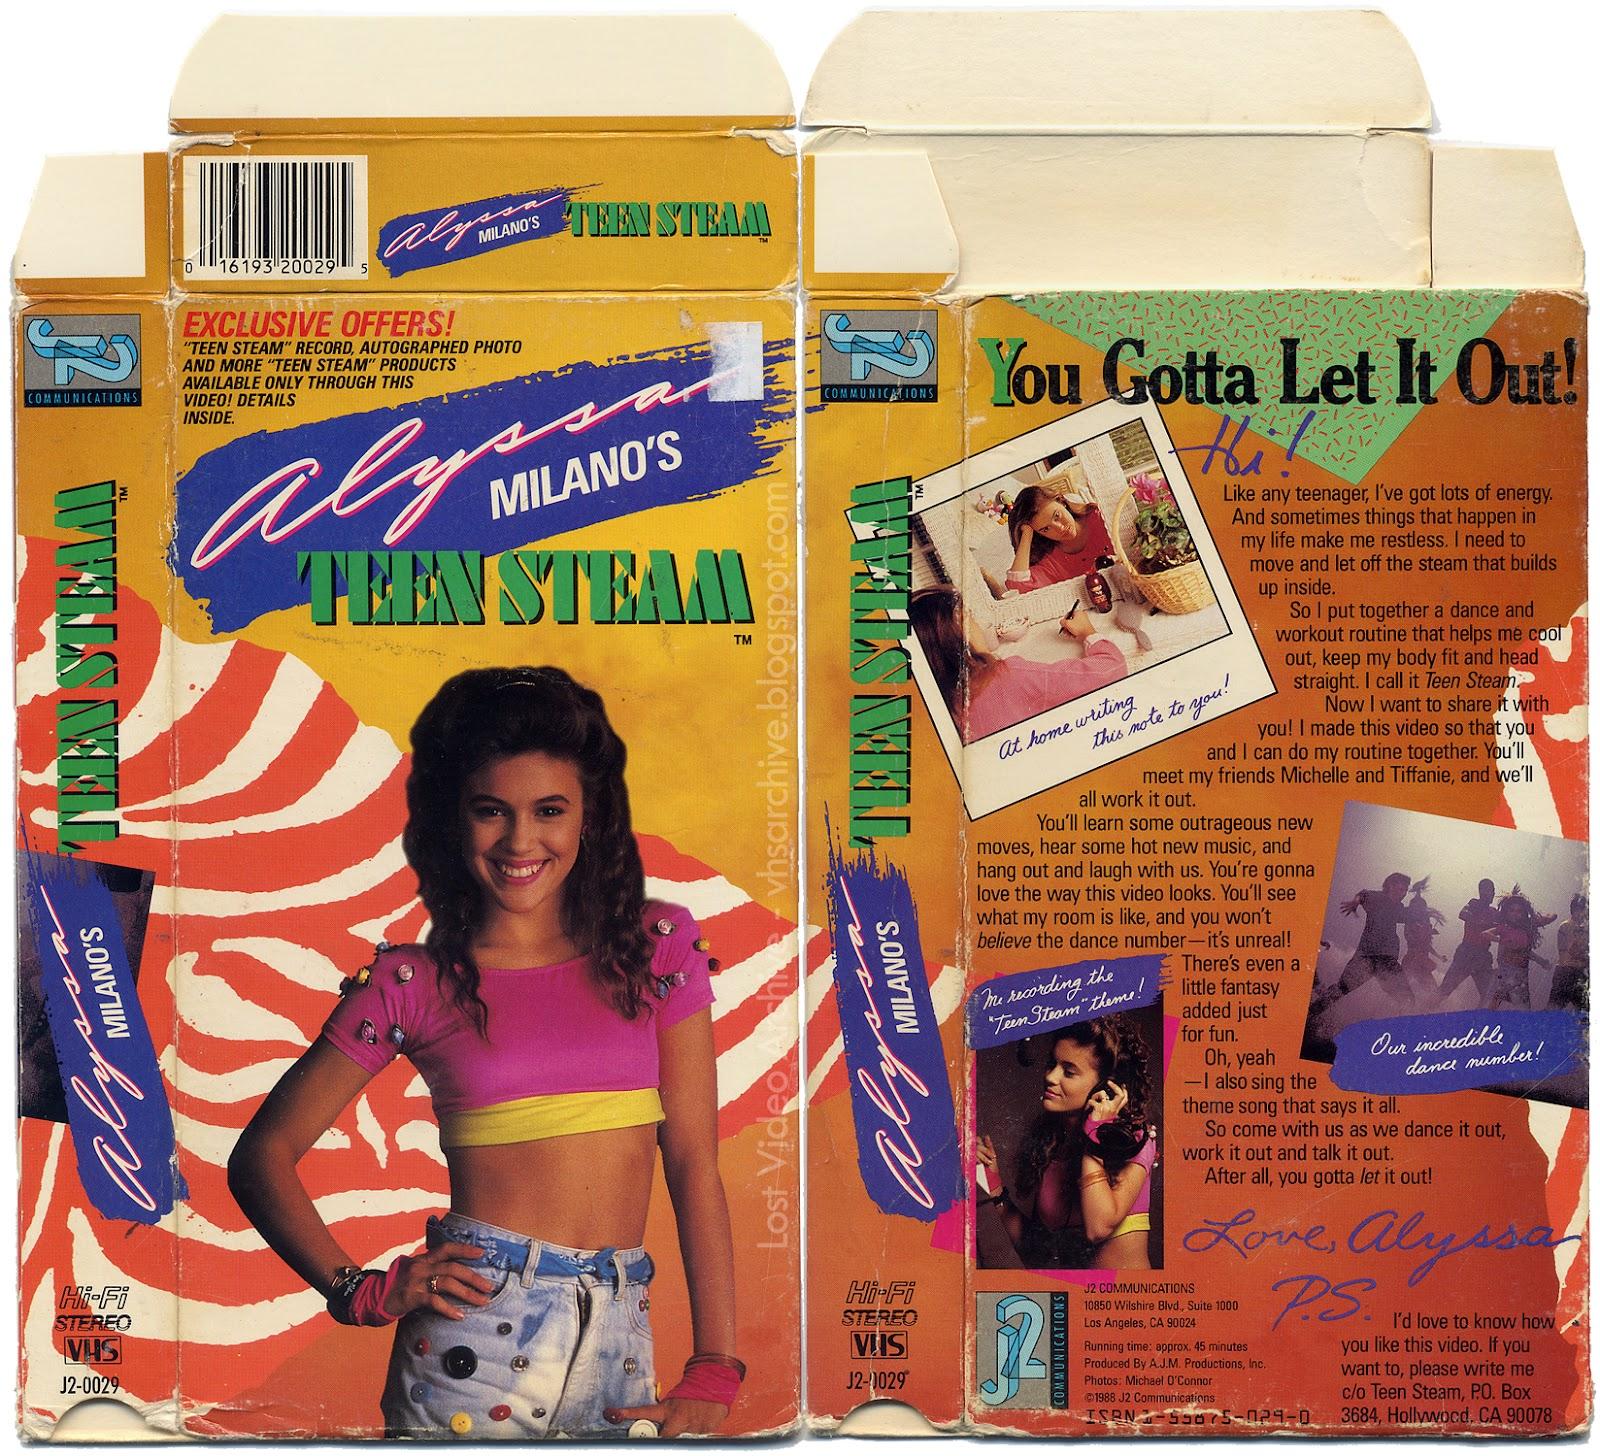 http://4.bp.blogspot.com/-uhDmI5JWRsI/T8VxU5189yI/AAAAAAAAFf0/ZRdqaXCxzSQ/s1600/Teen+Steam+VHS+box.jpg